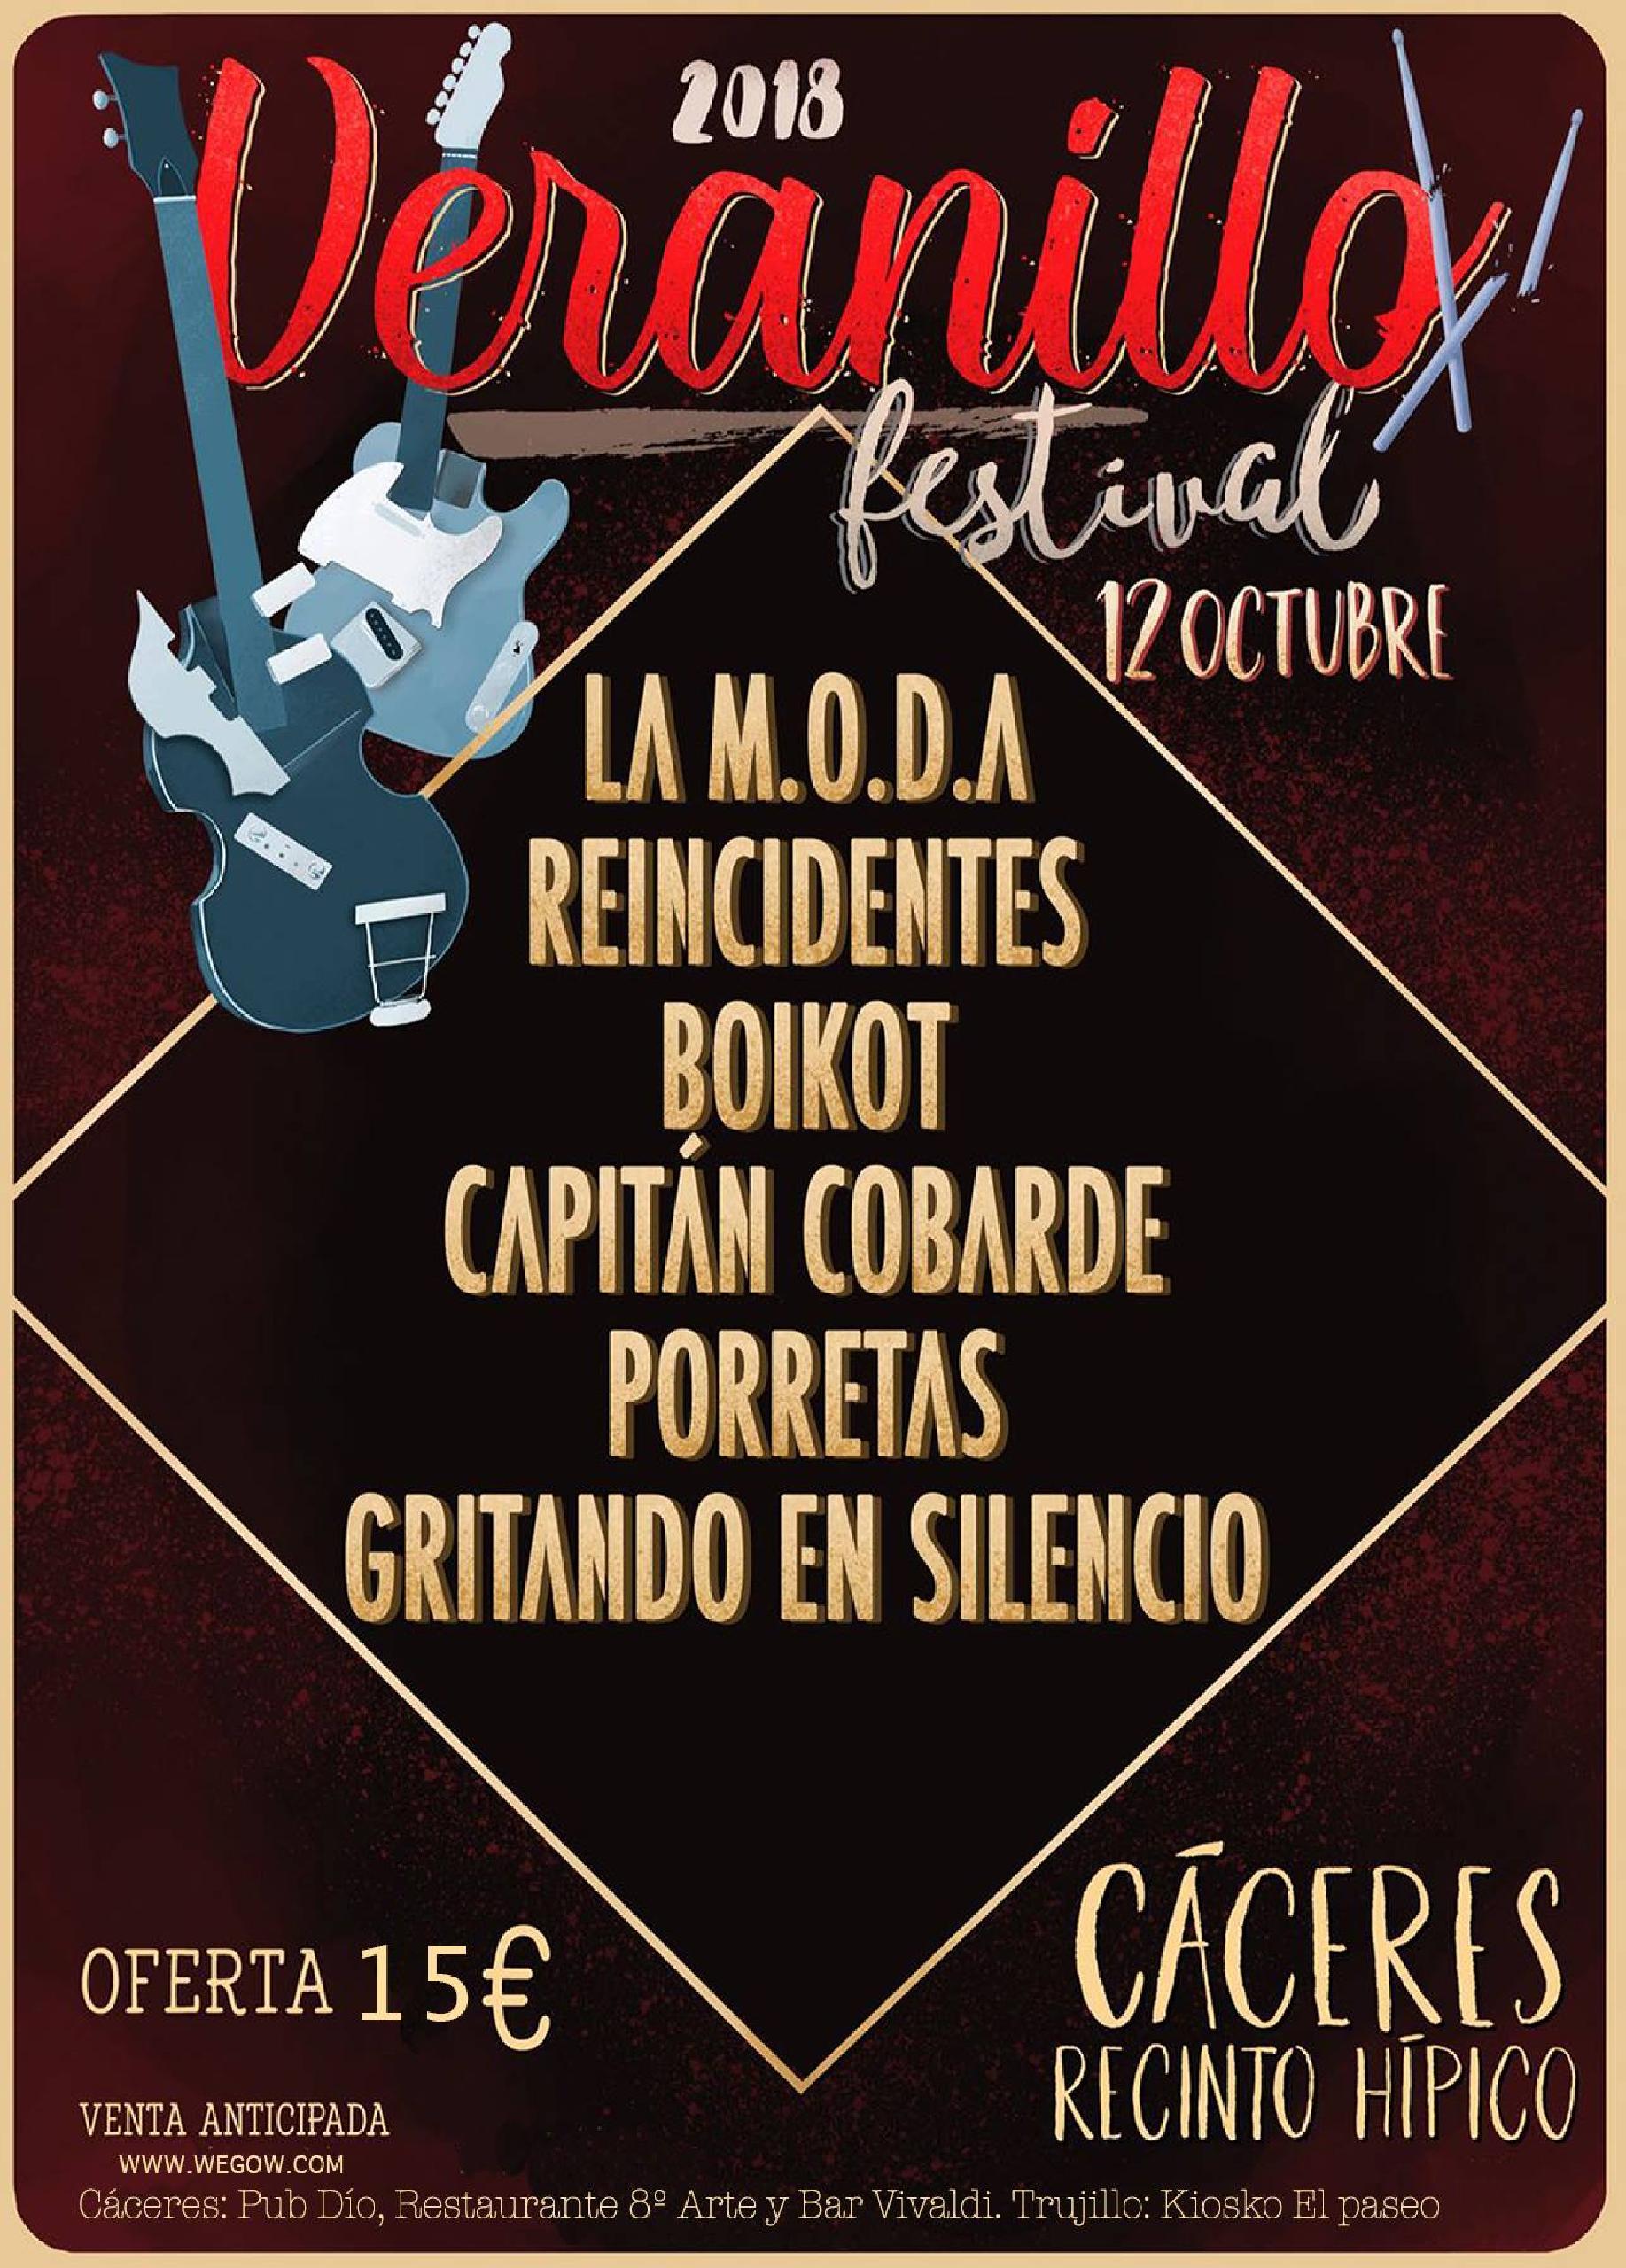 Cartel Veranillo Festival